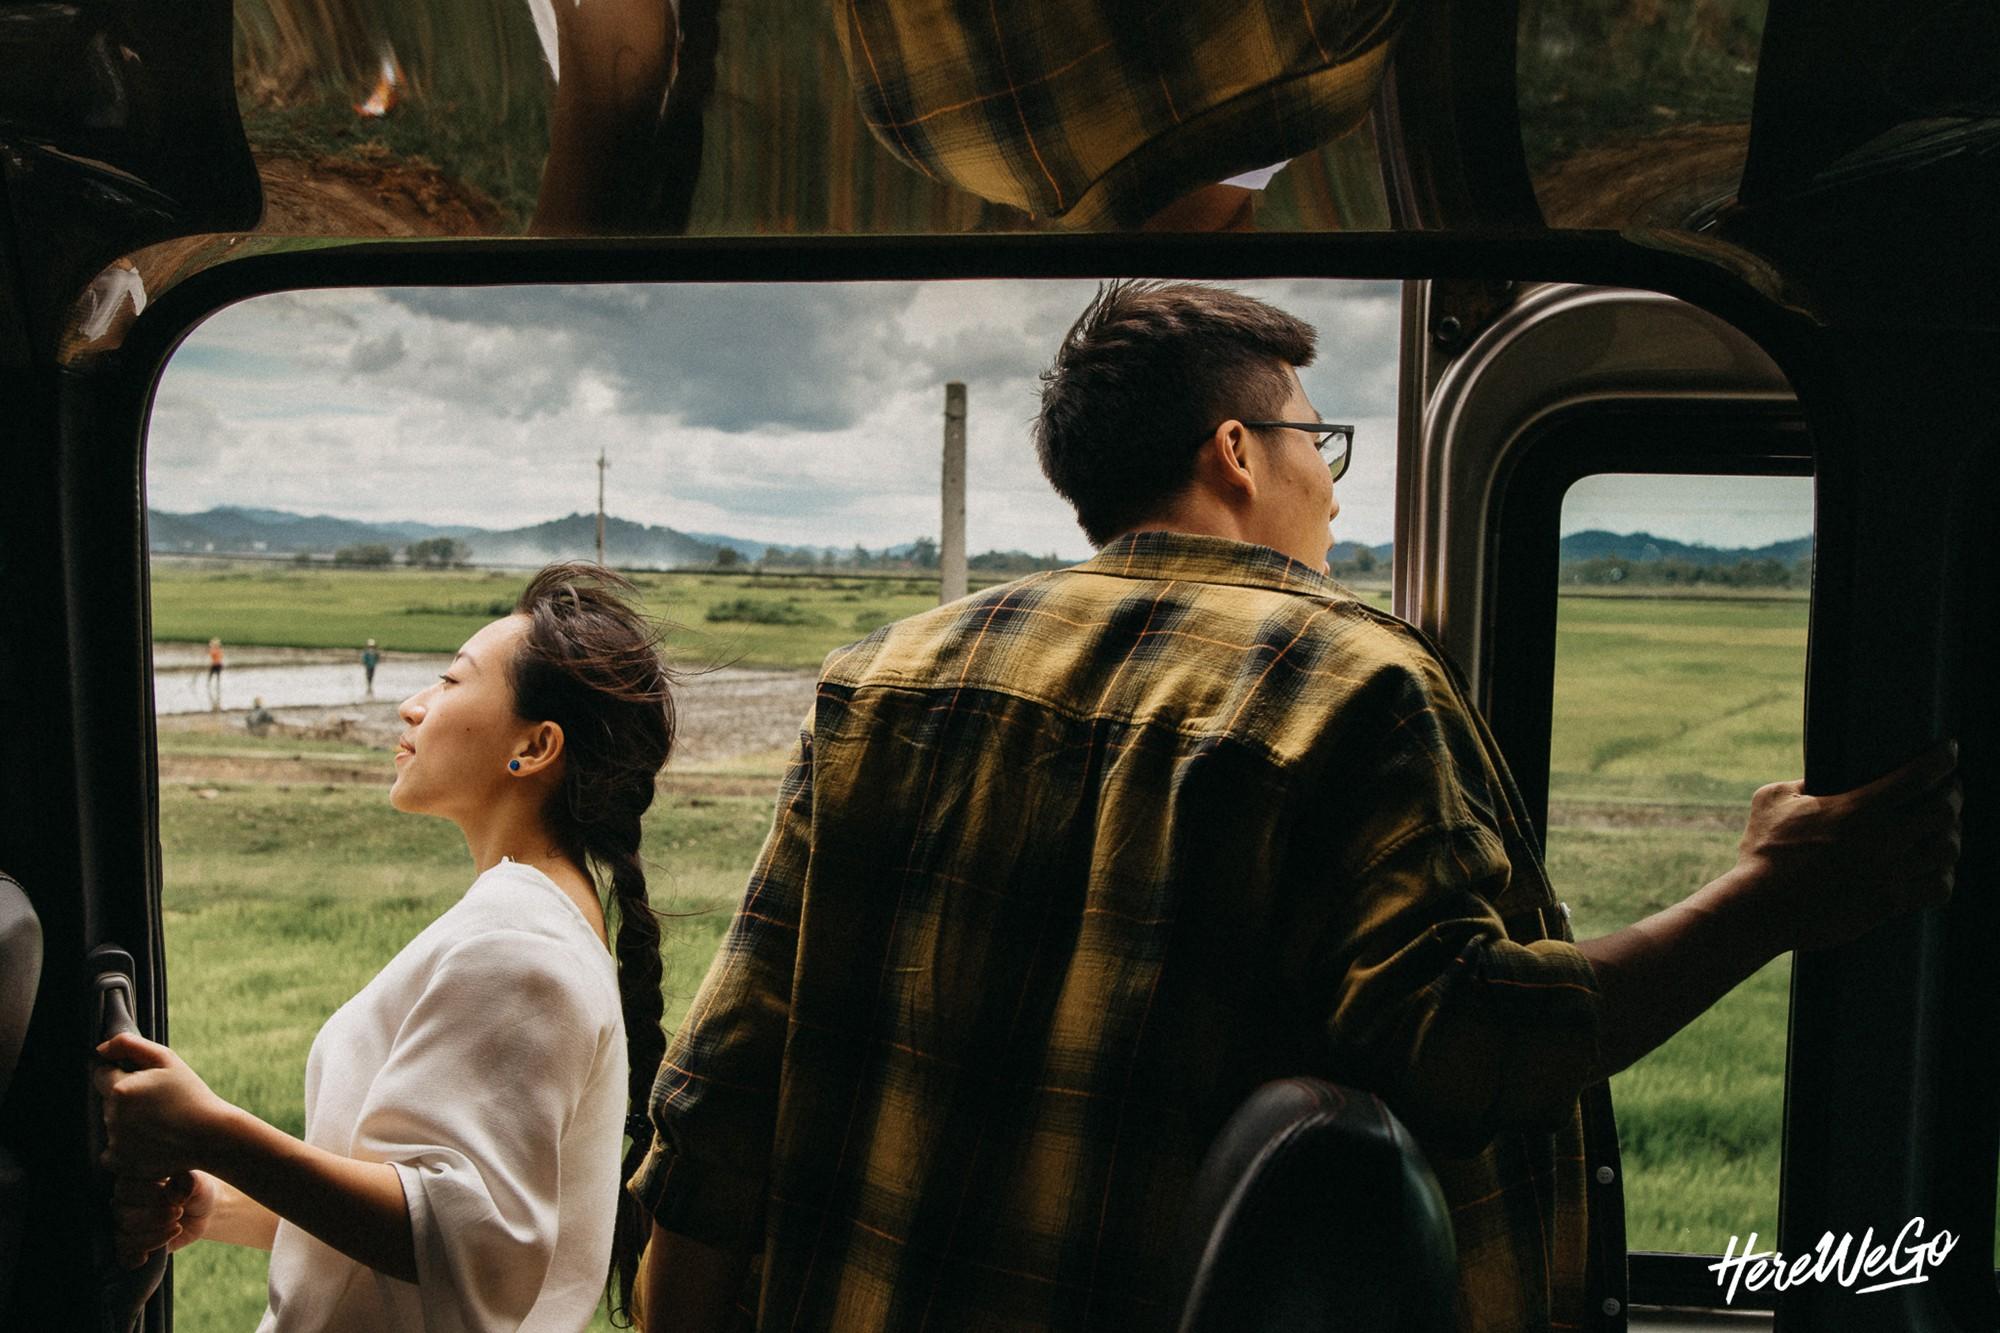 Du lịch Tây Nguyên: Dừng chân lại lắng nghe hơi thở Tây Nguyên - Ảnh 4.